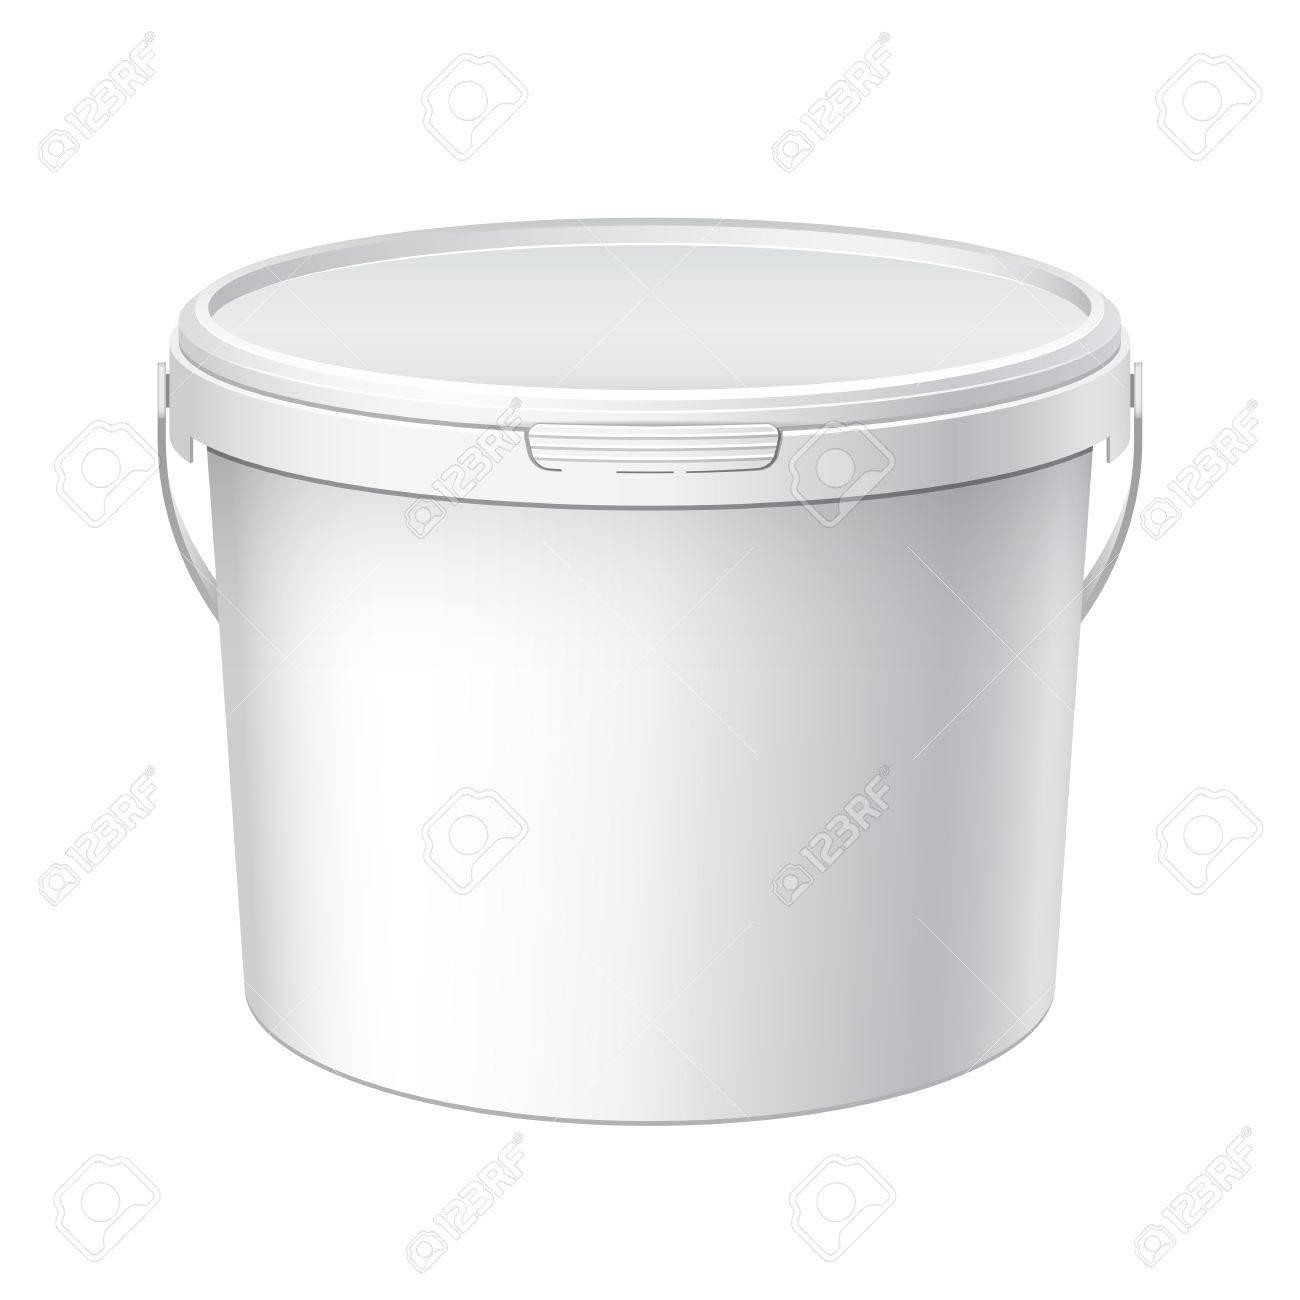 Plástico Blanco Cubo Grande Con Tapa Blanca. Empaquetado Del ...